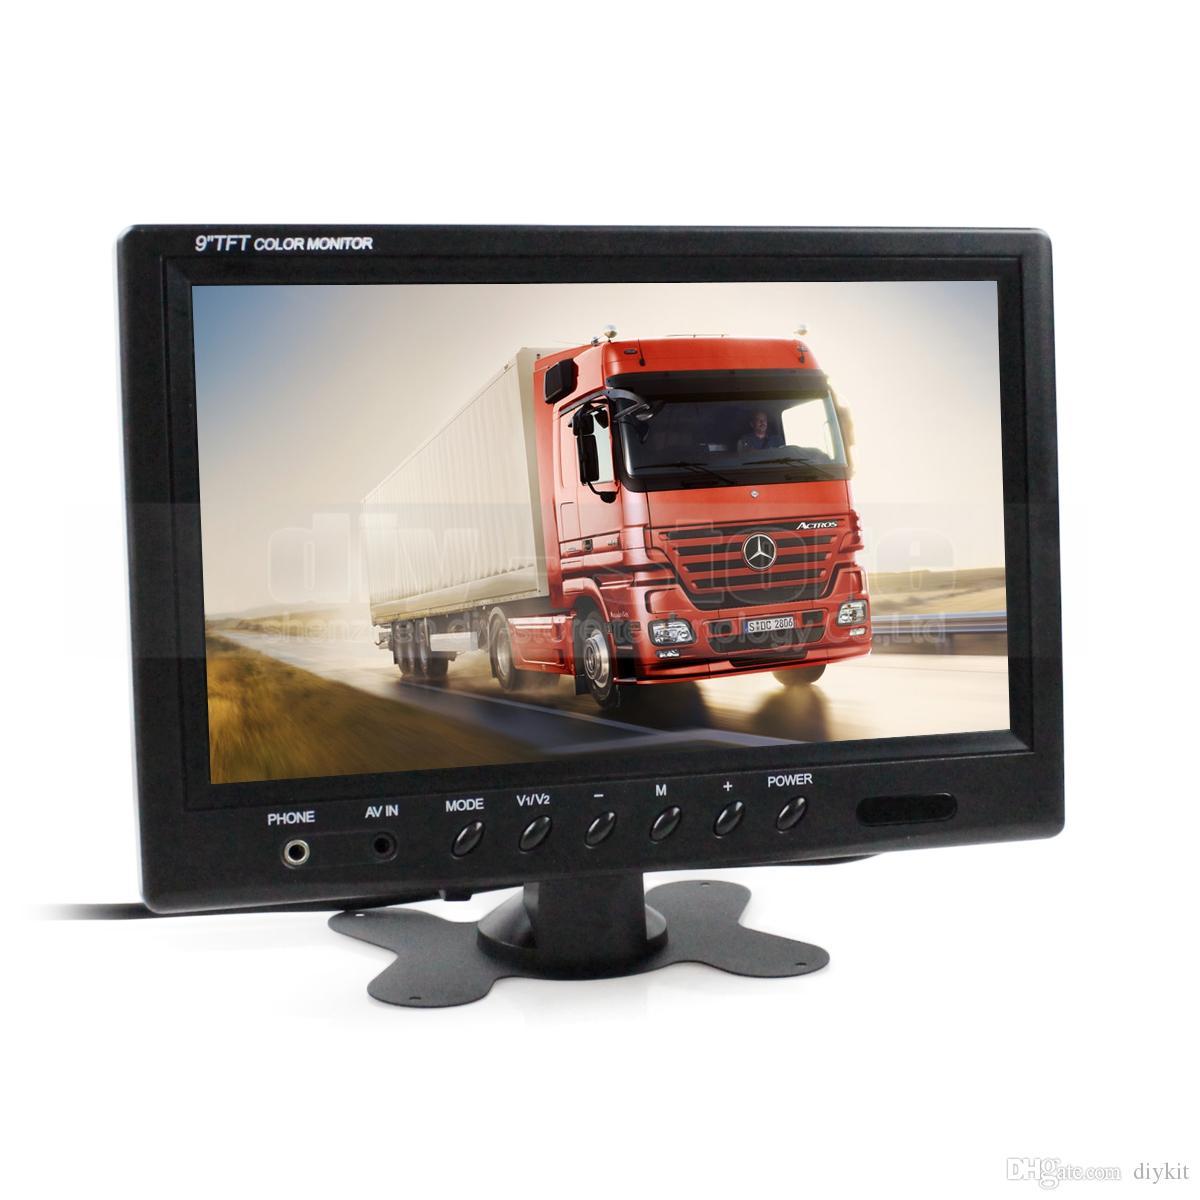 9 بوصة وشاشة الرؤية الخلفية رصد سيارة مسند رأس TFT LCD HD شاشة فيديو الأمن رصد شاشة مراقبة مع BNC / AV الإدخال